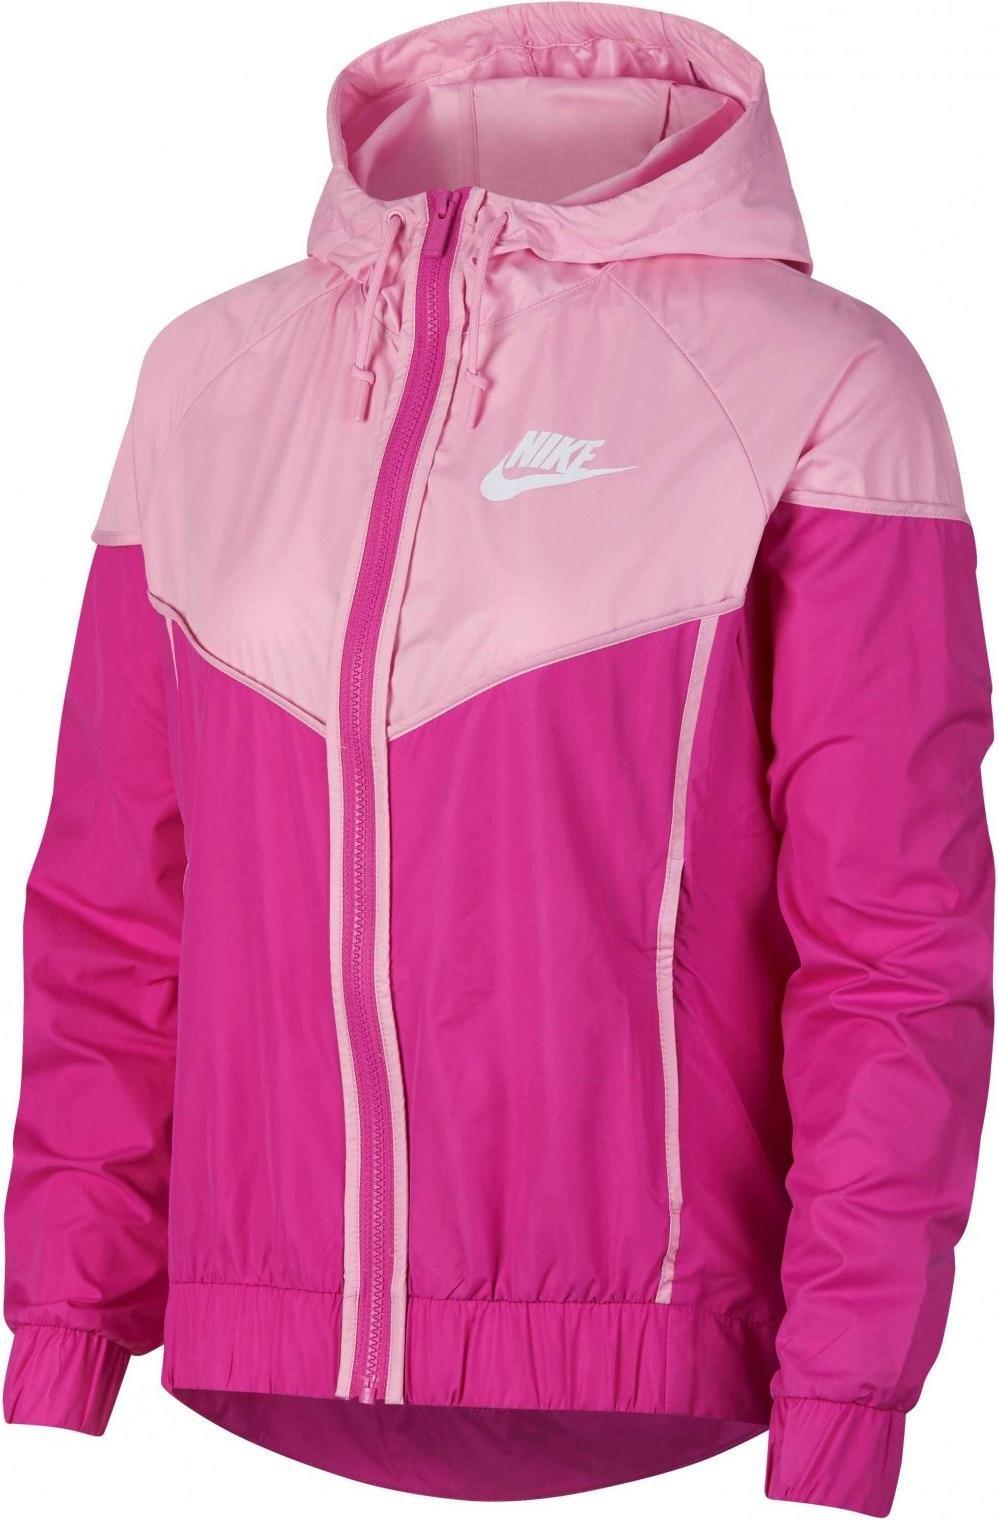 Hooded jacket Nike Windrunner W